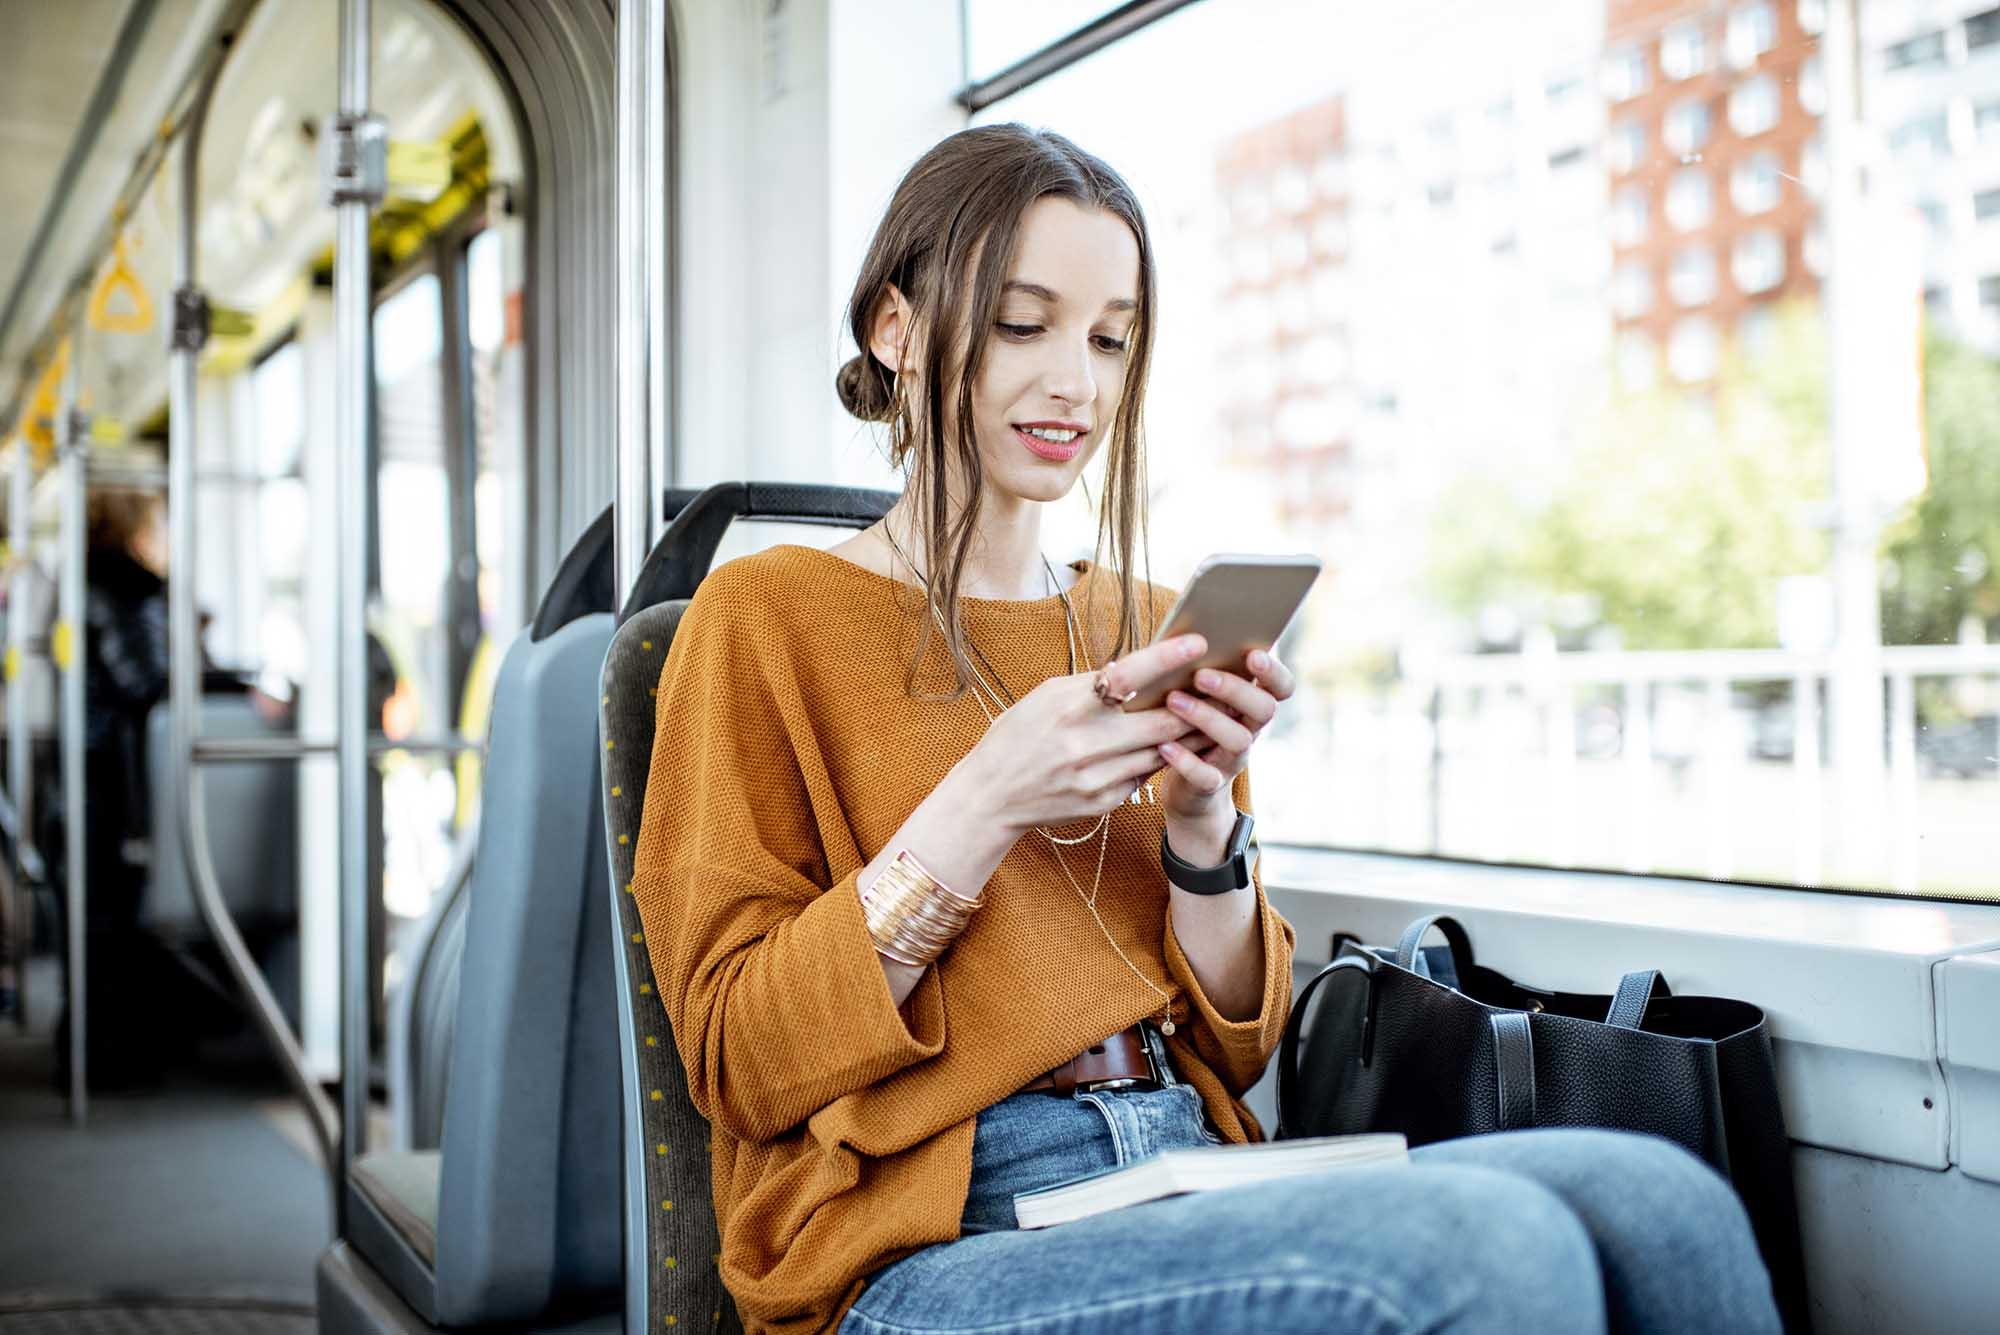 App transporte público 080621